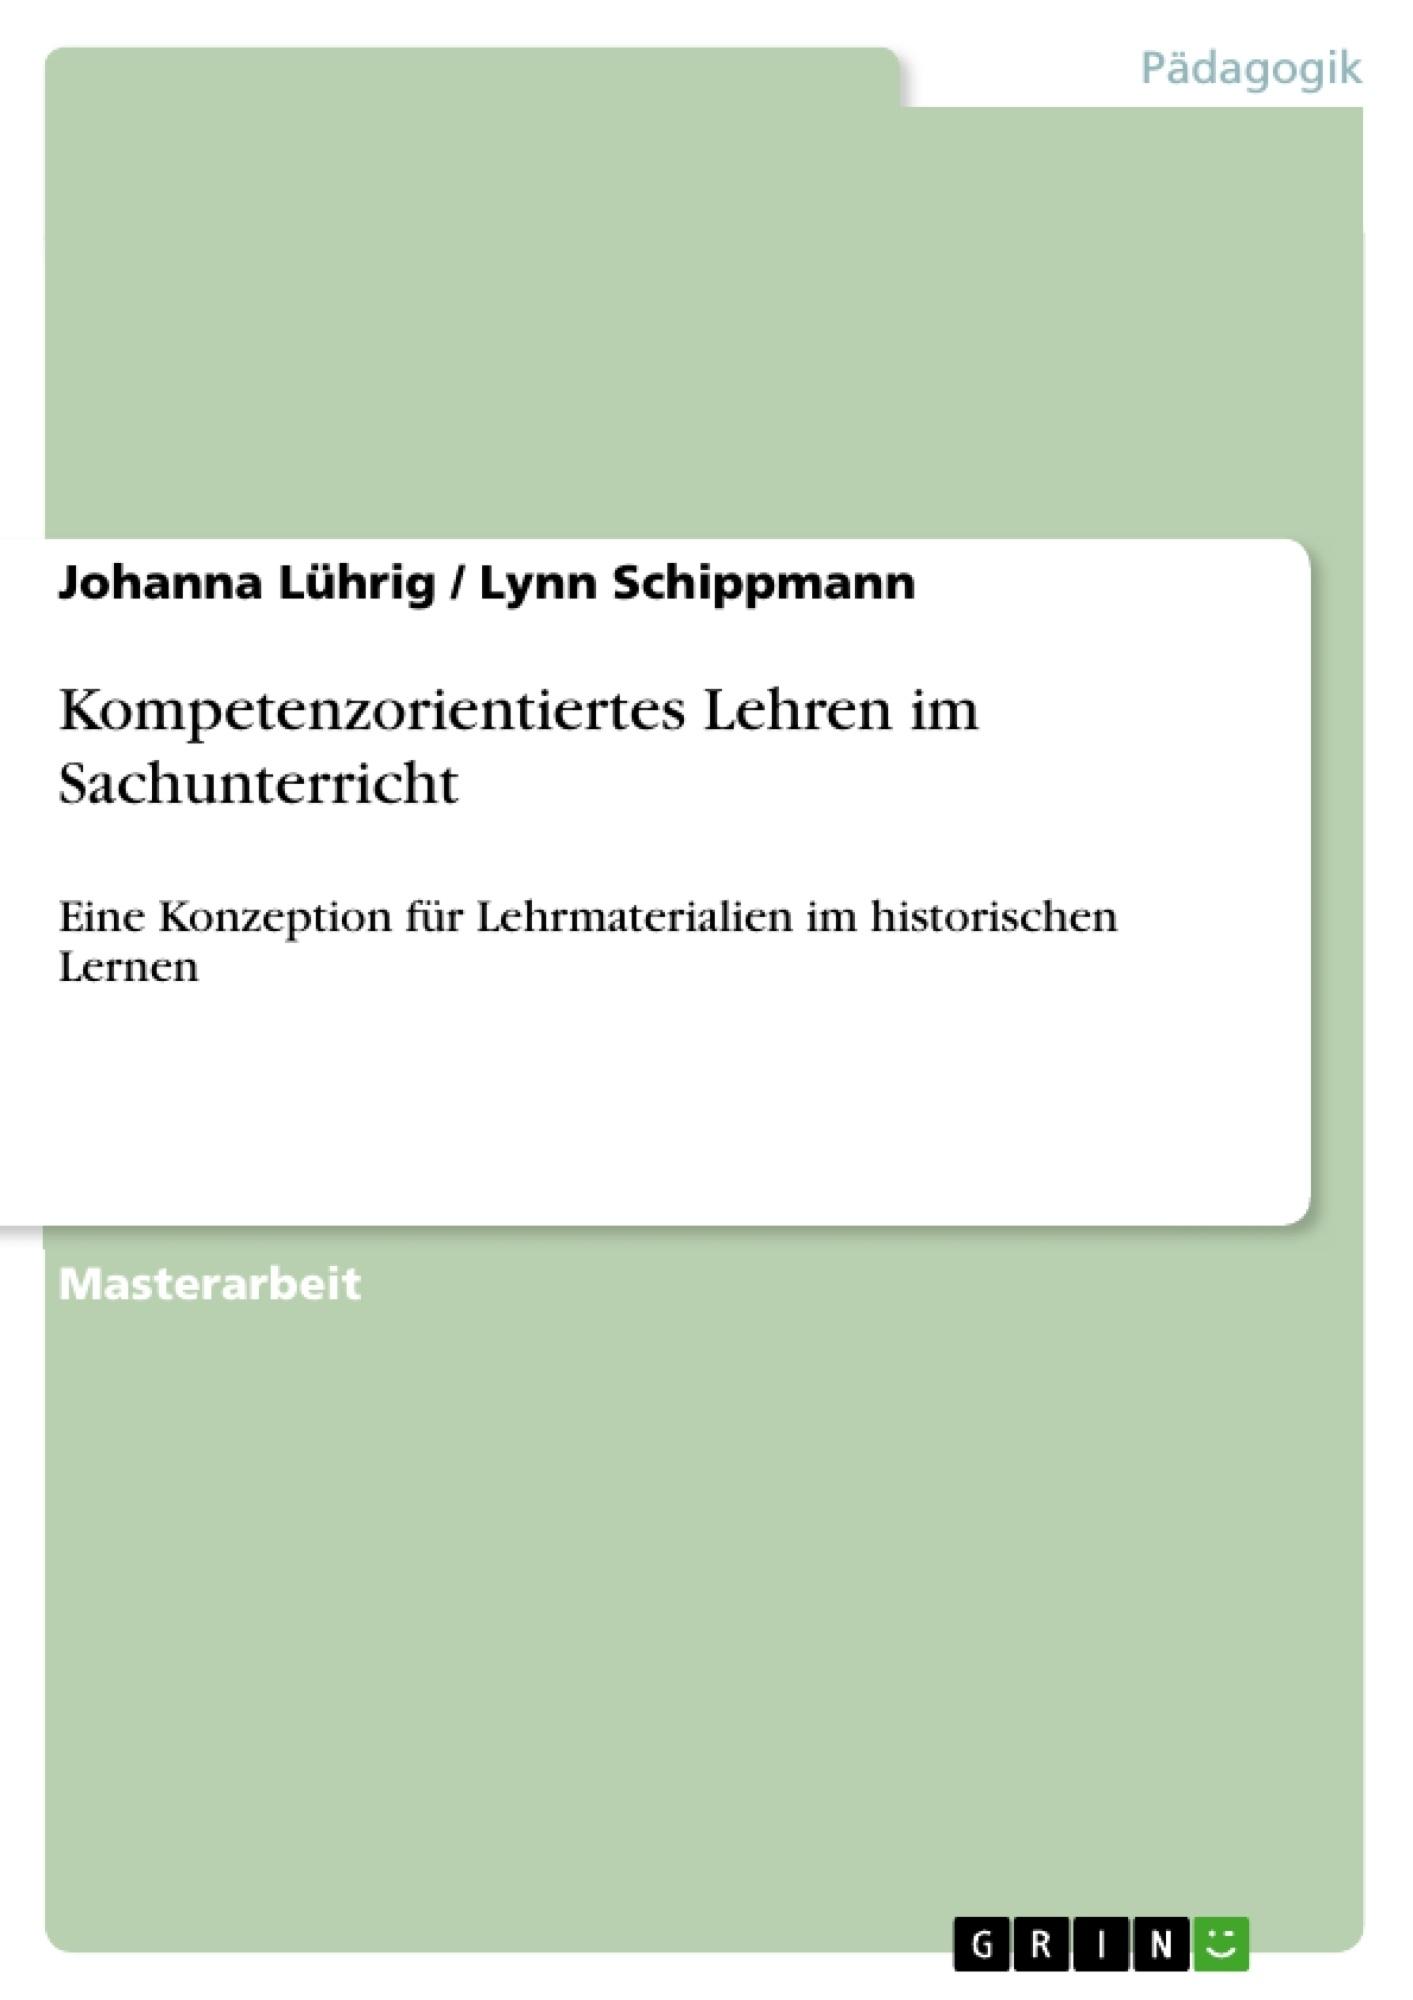 Titel: Kompetenzorientiertes Lehren im Sachunterricht